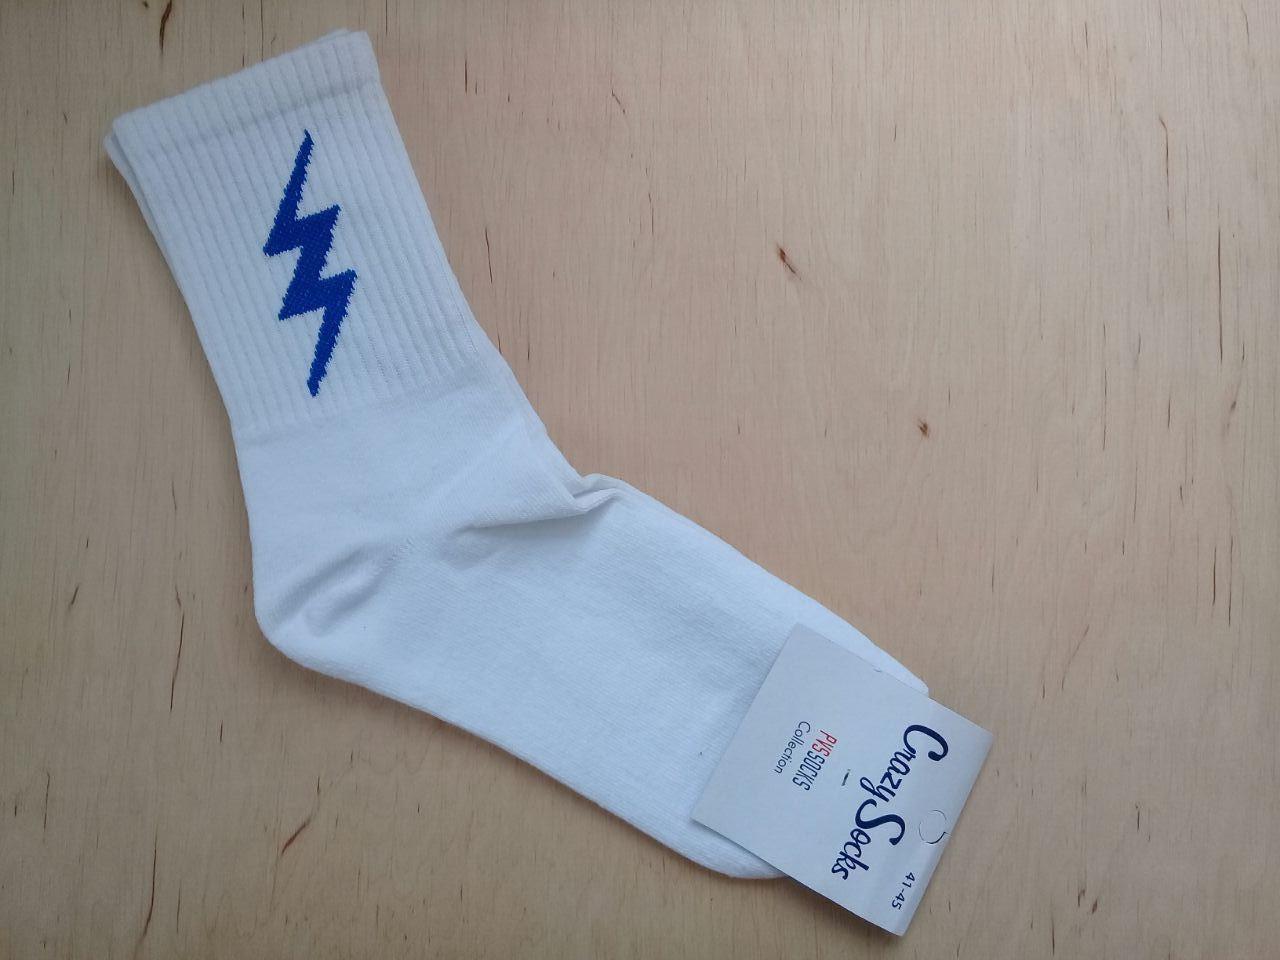 Модные молодежные носки Crazy Socks размер 41-45 белый Молния